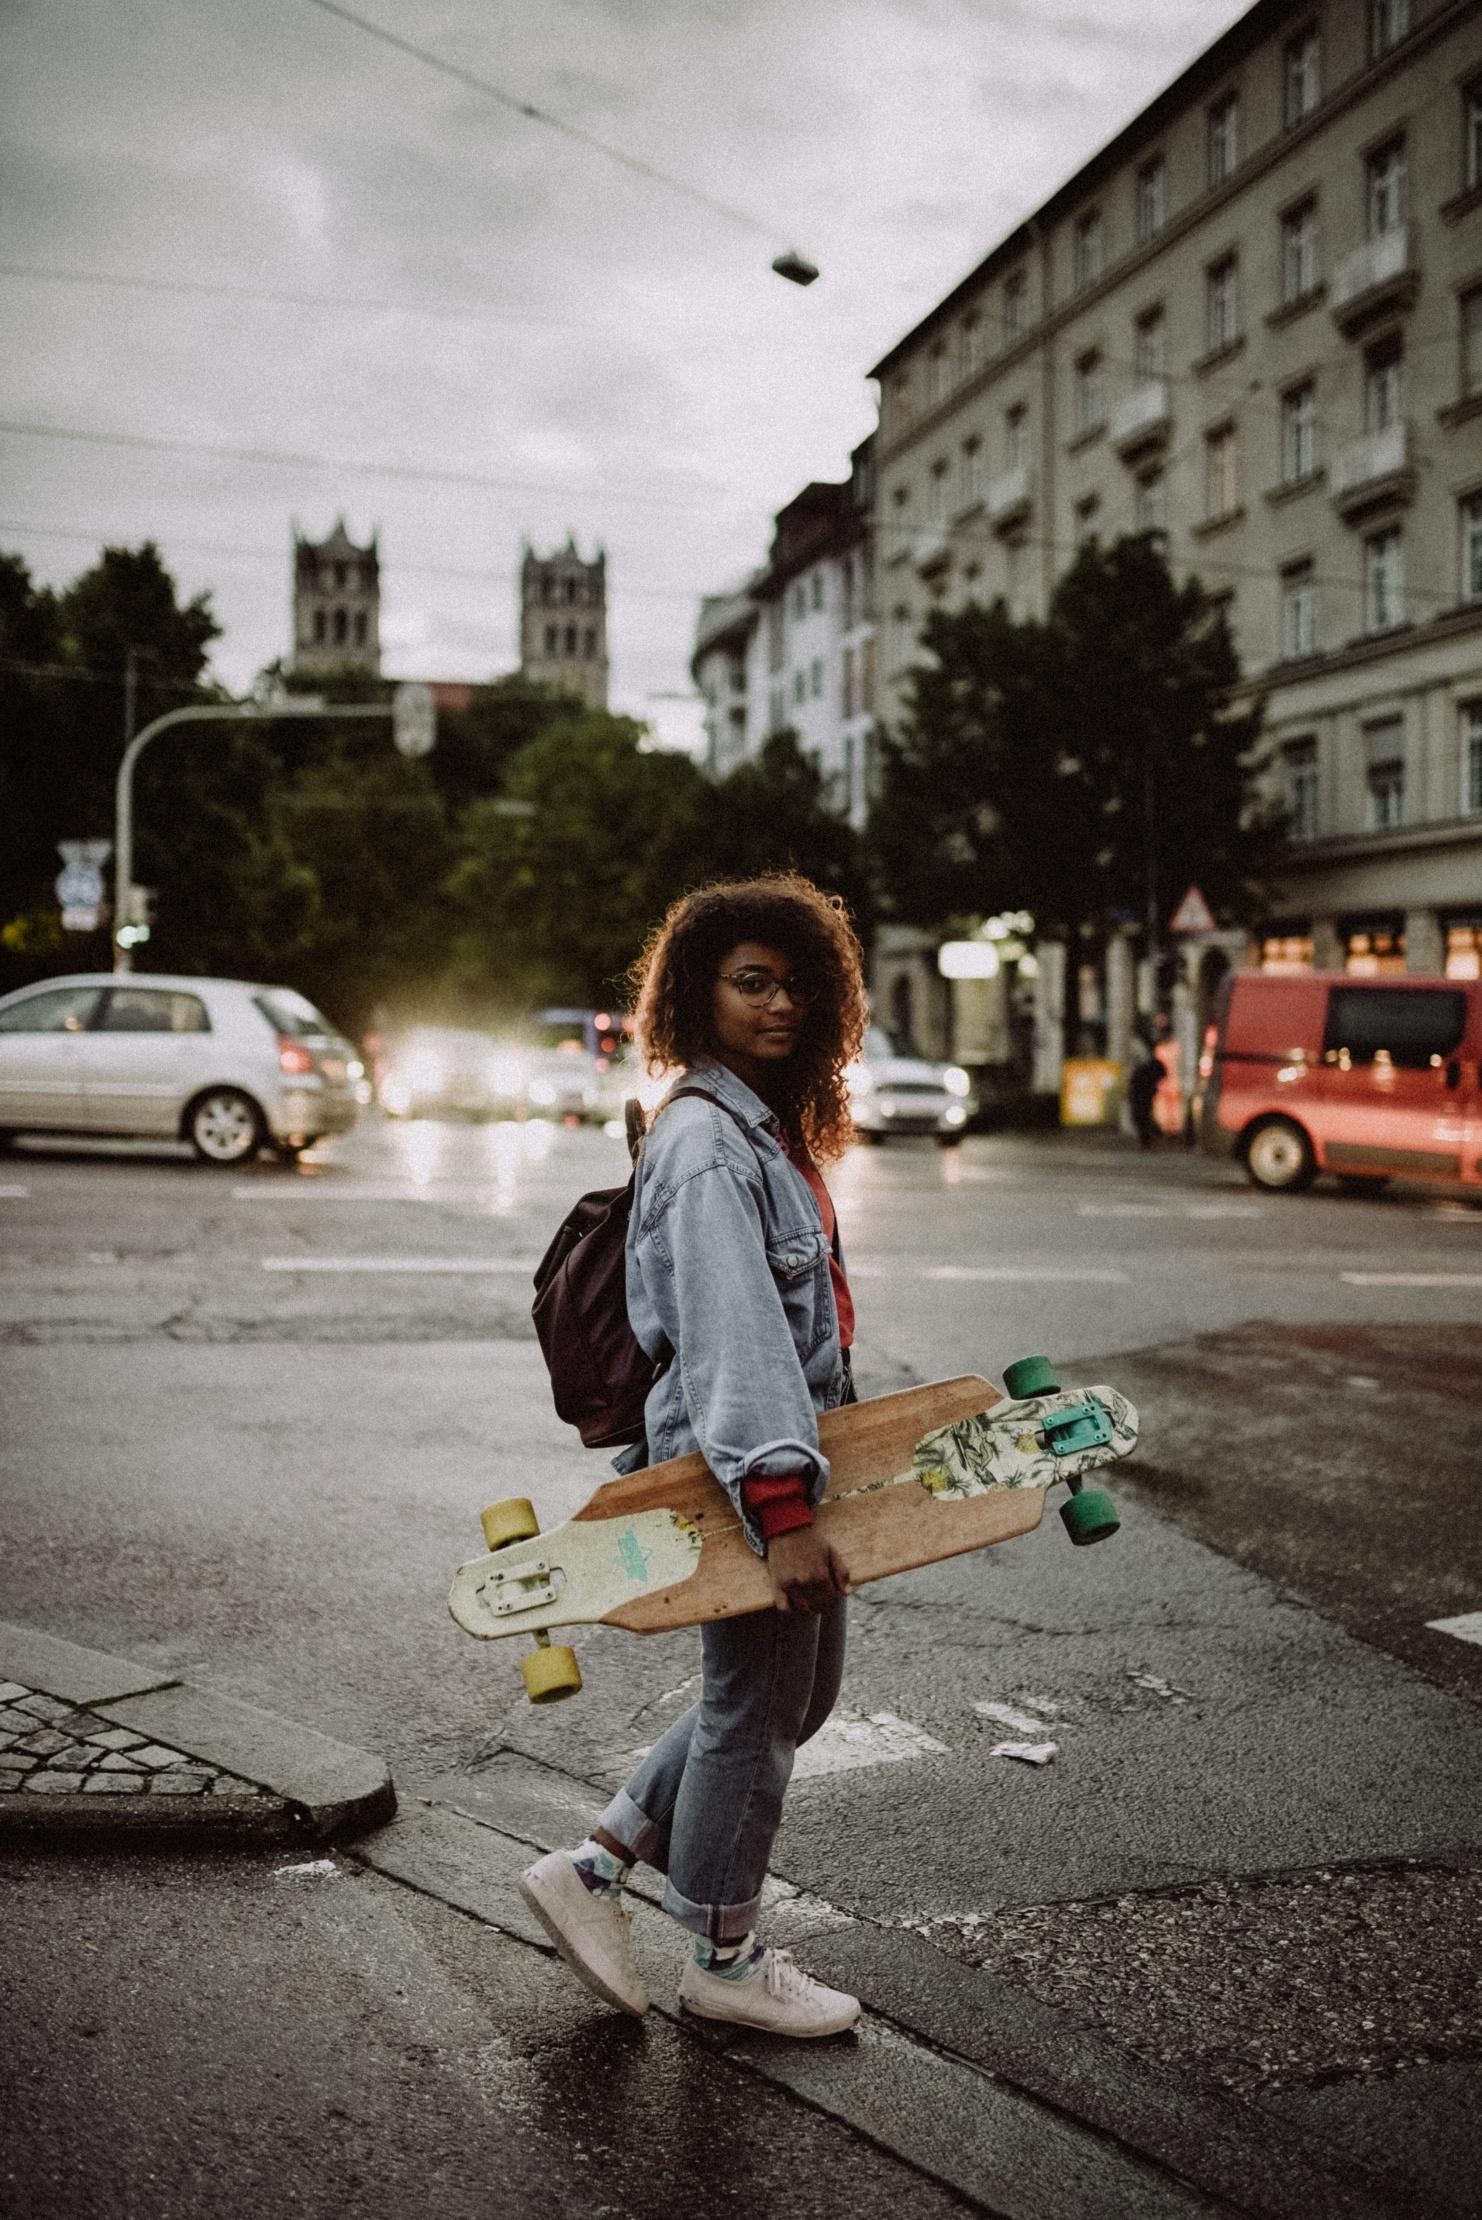 Person mit Skateboard in der Stadt © Photo by Kinga Cichewicz on Unsplash